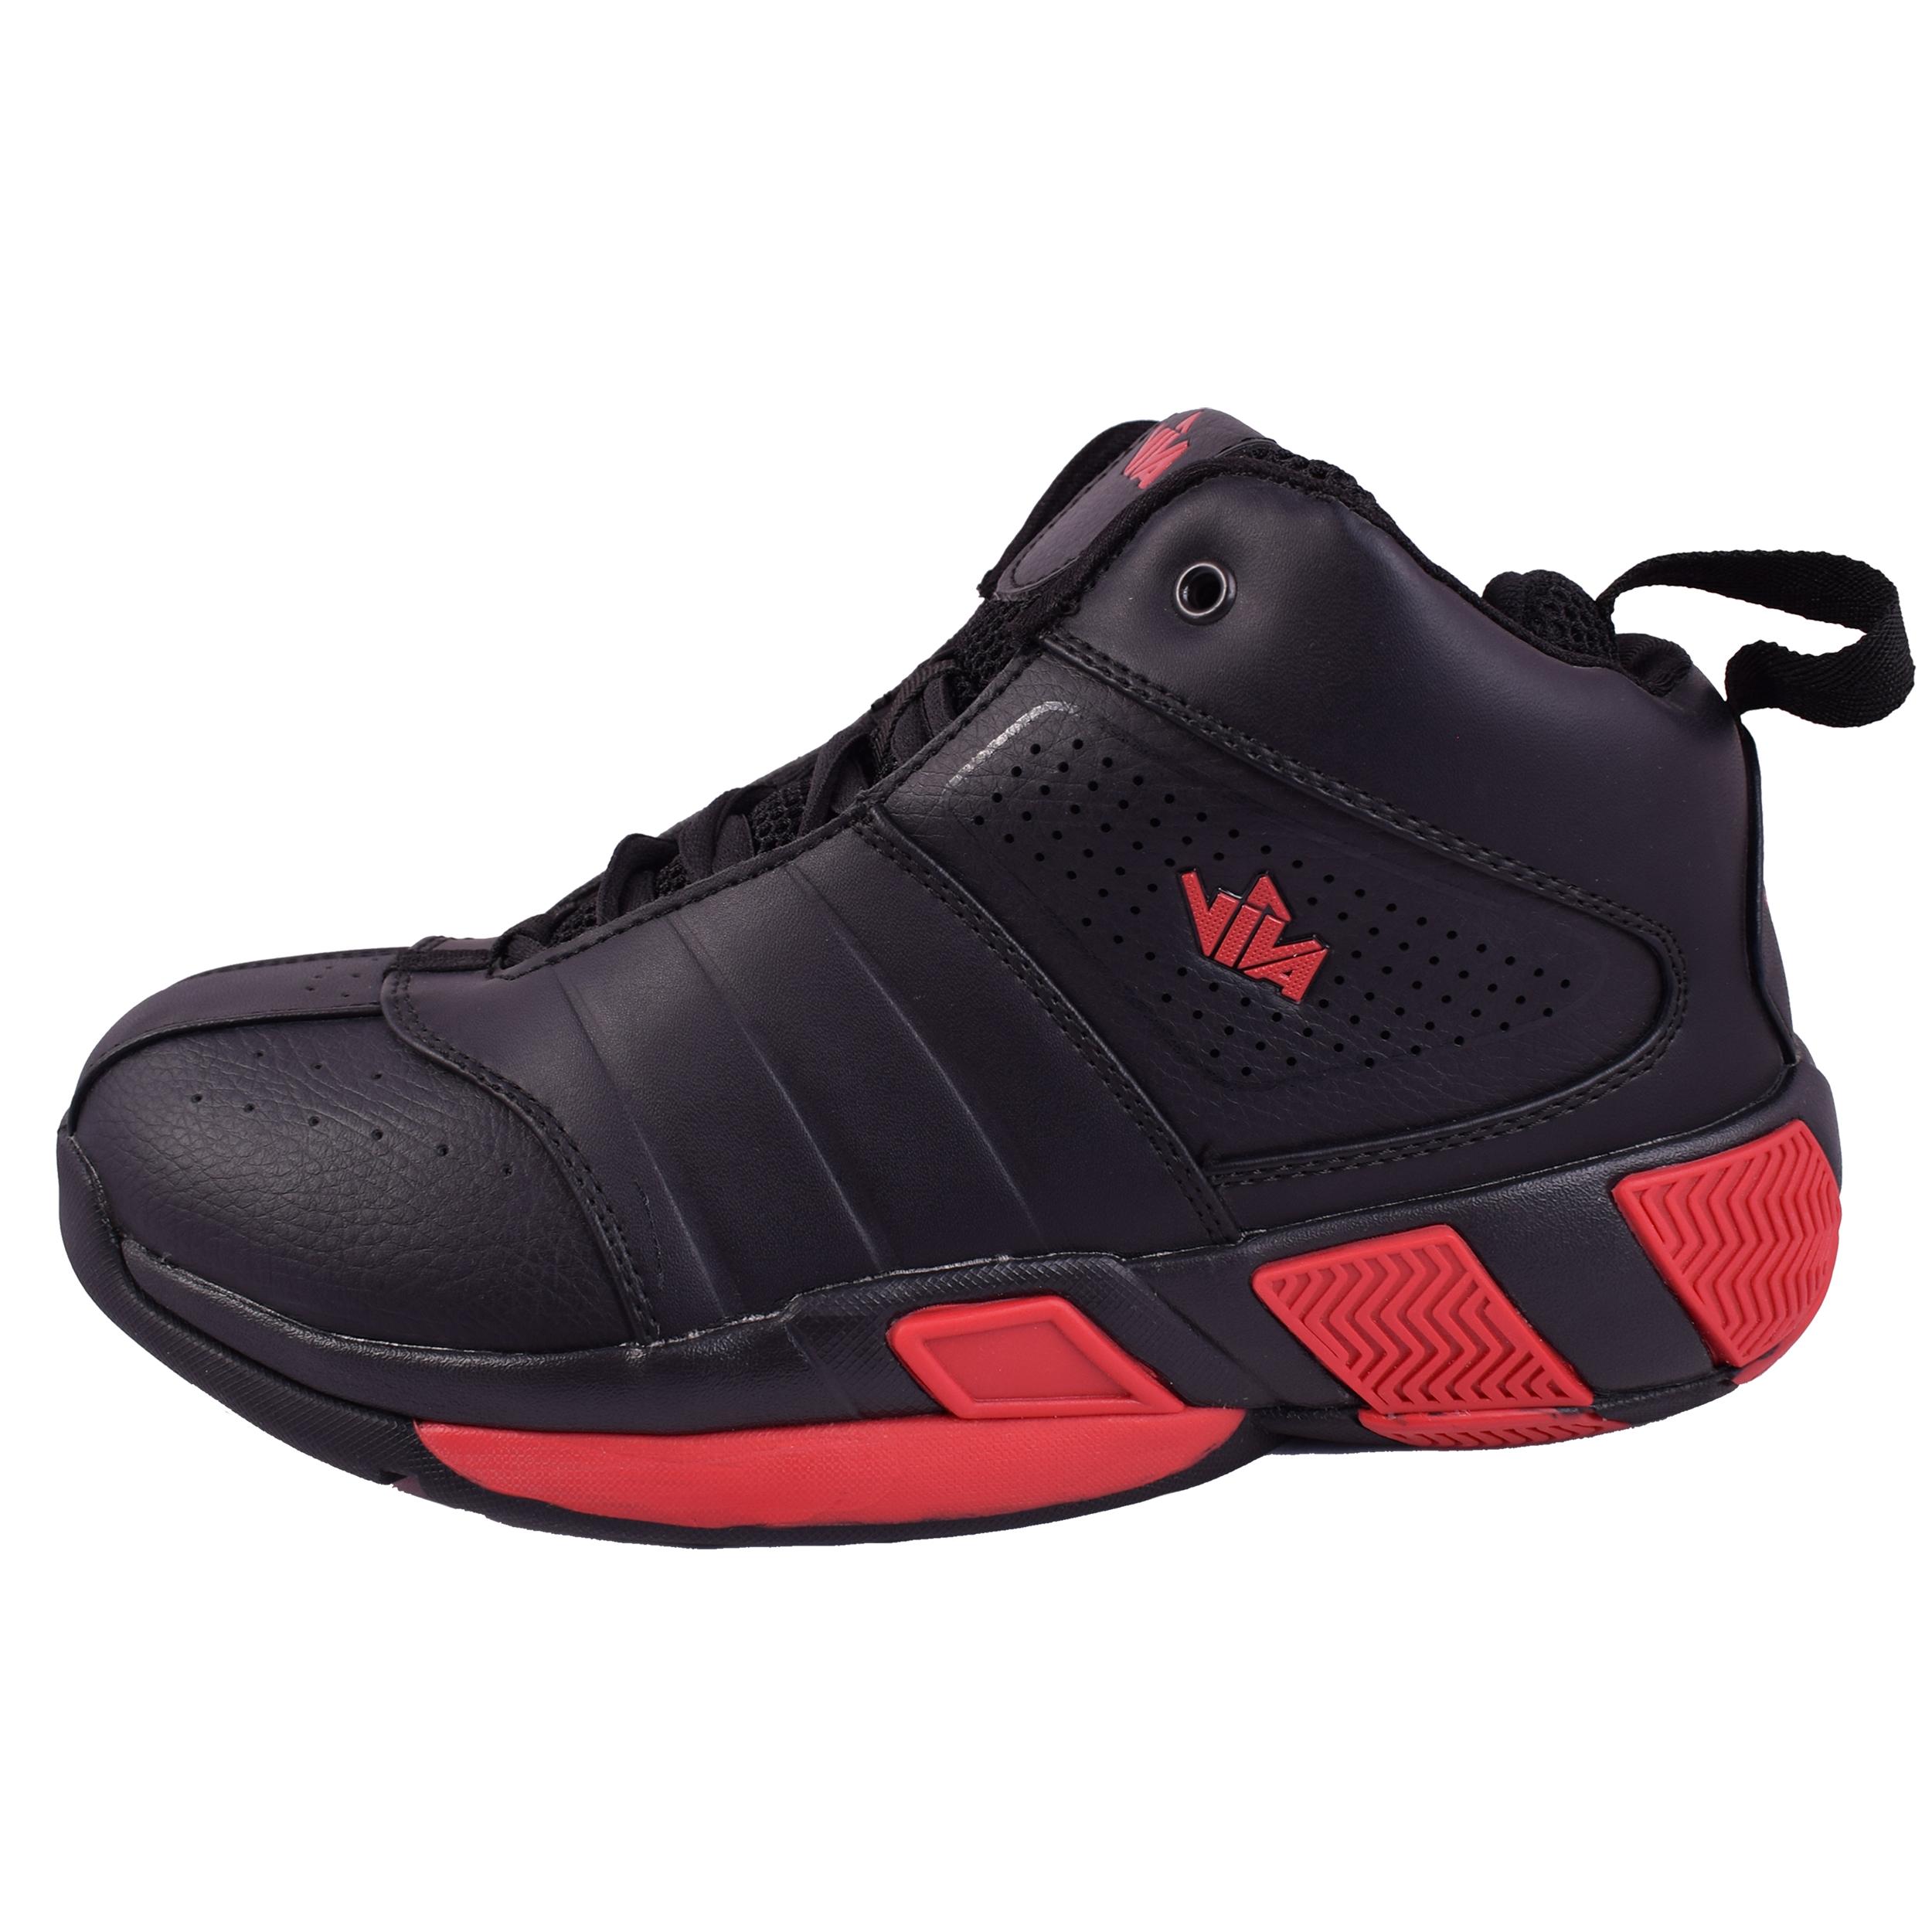 کفش مخصوص بسکتبال مردانه ویوا کد M8201 رنگ مشکی